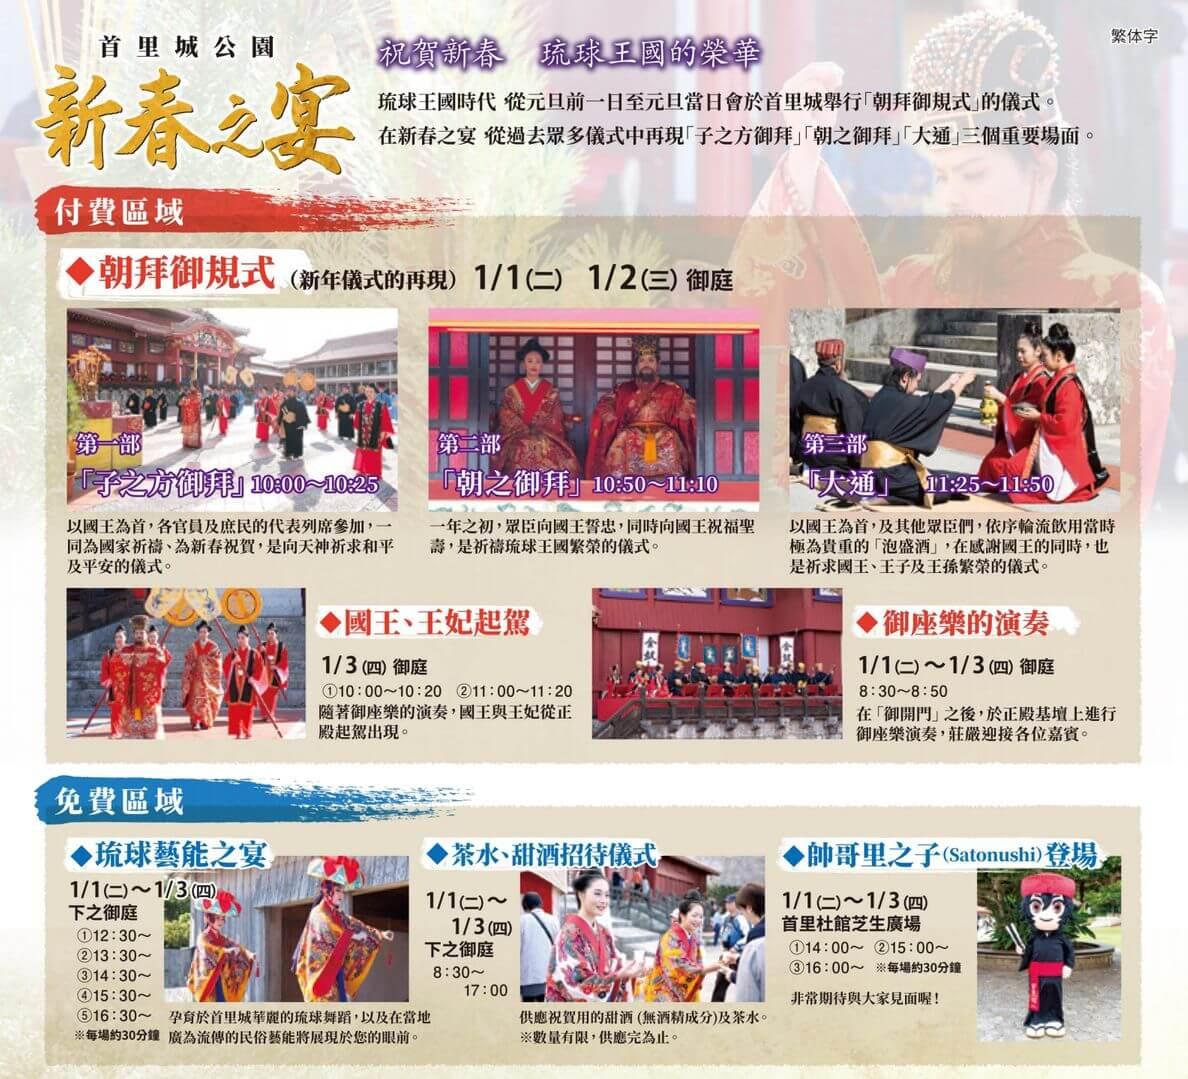 沖繩祭典、活動-首里城公園新春之宴活動內容